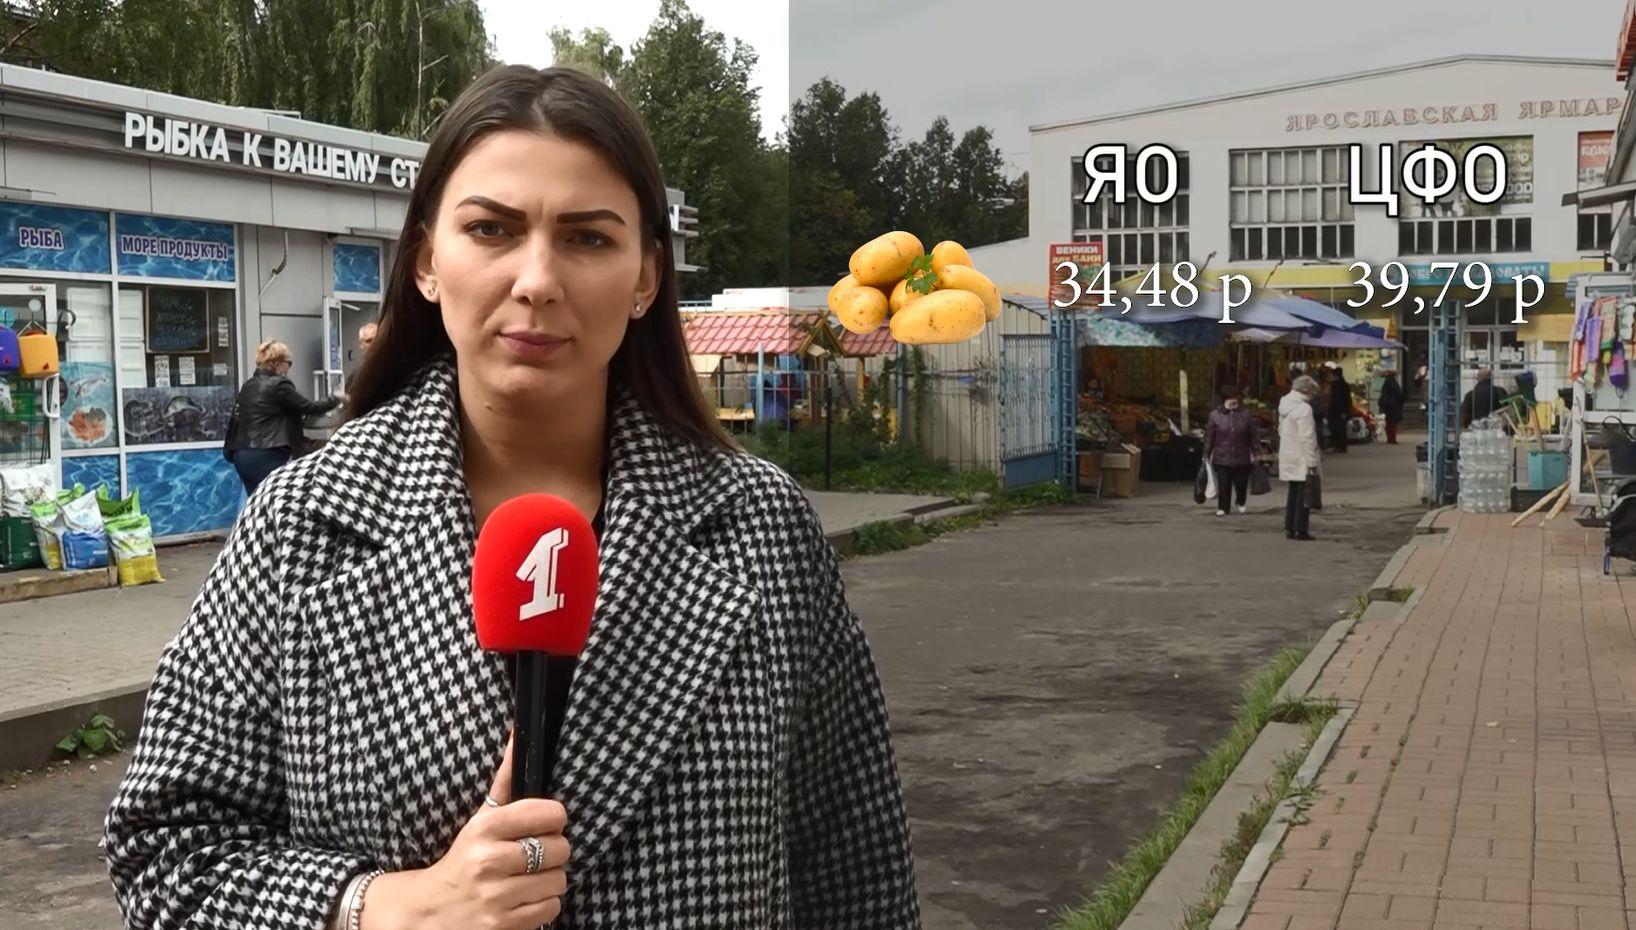 Как изменится стоимость основных продуктов в Ярославле в сентябре?